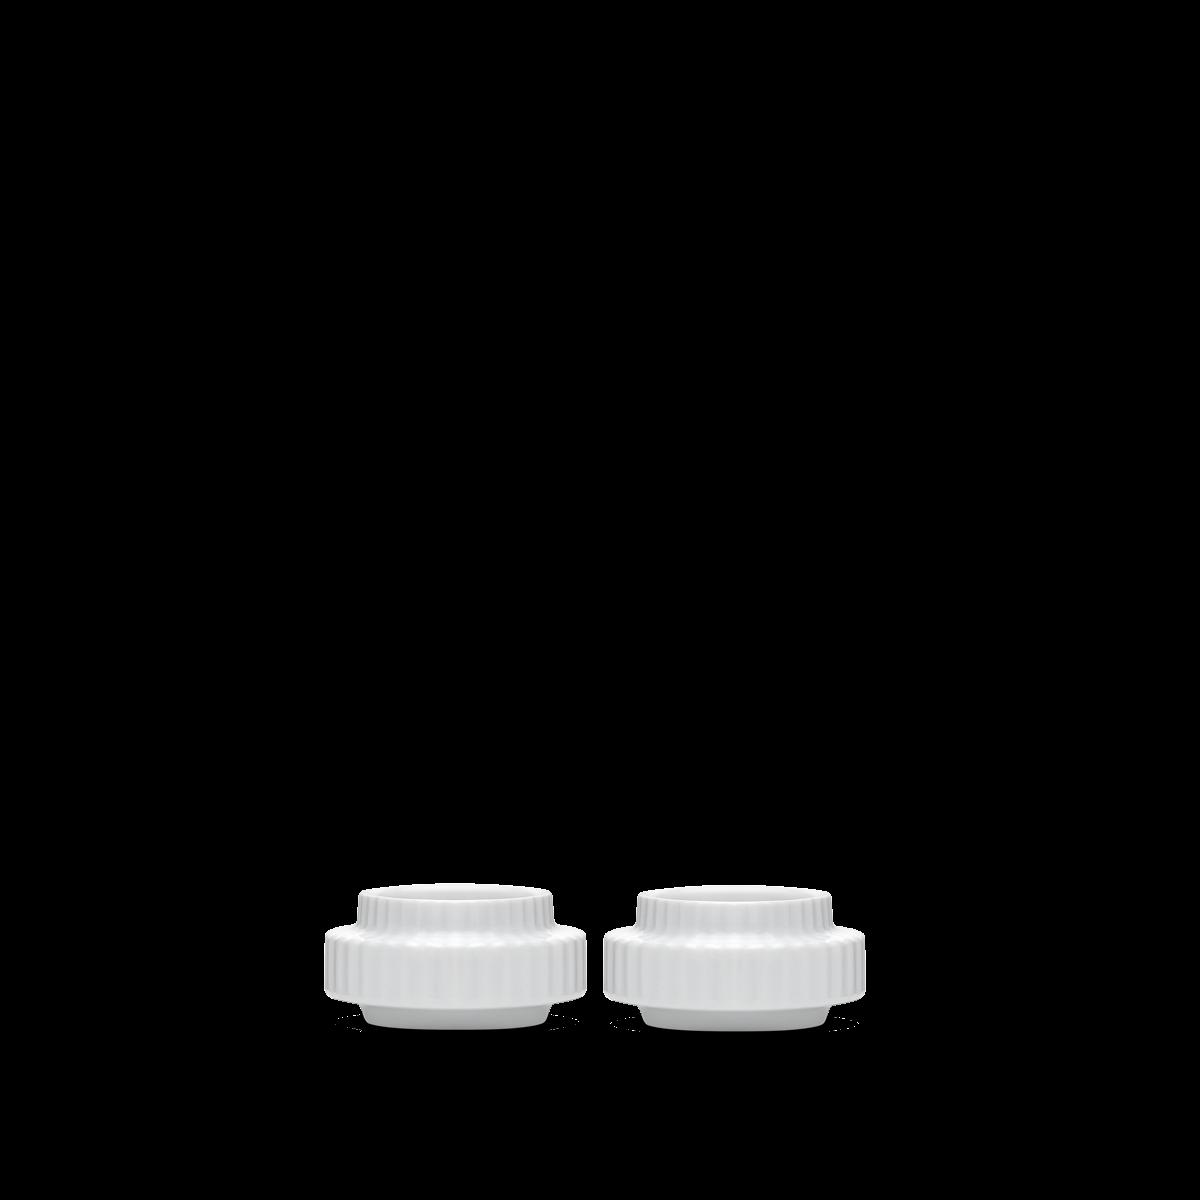 Lyngby Porcelaen lyngby tealight holders set of 2 - white porcelain